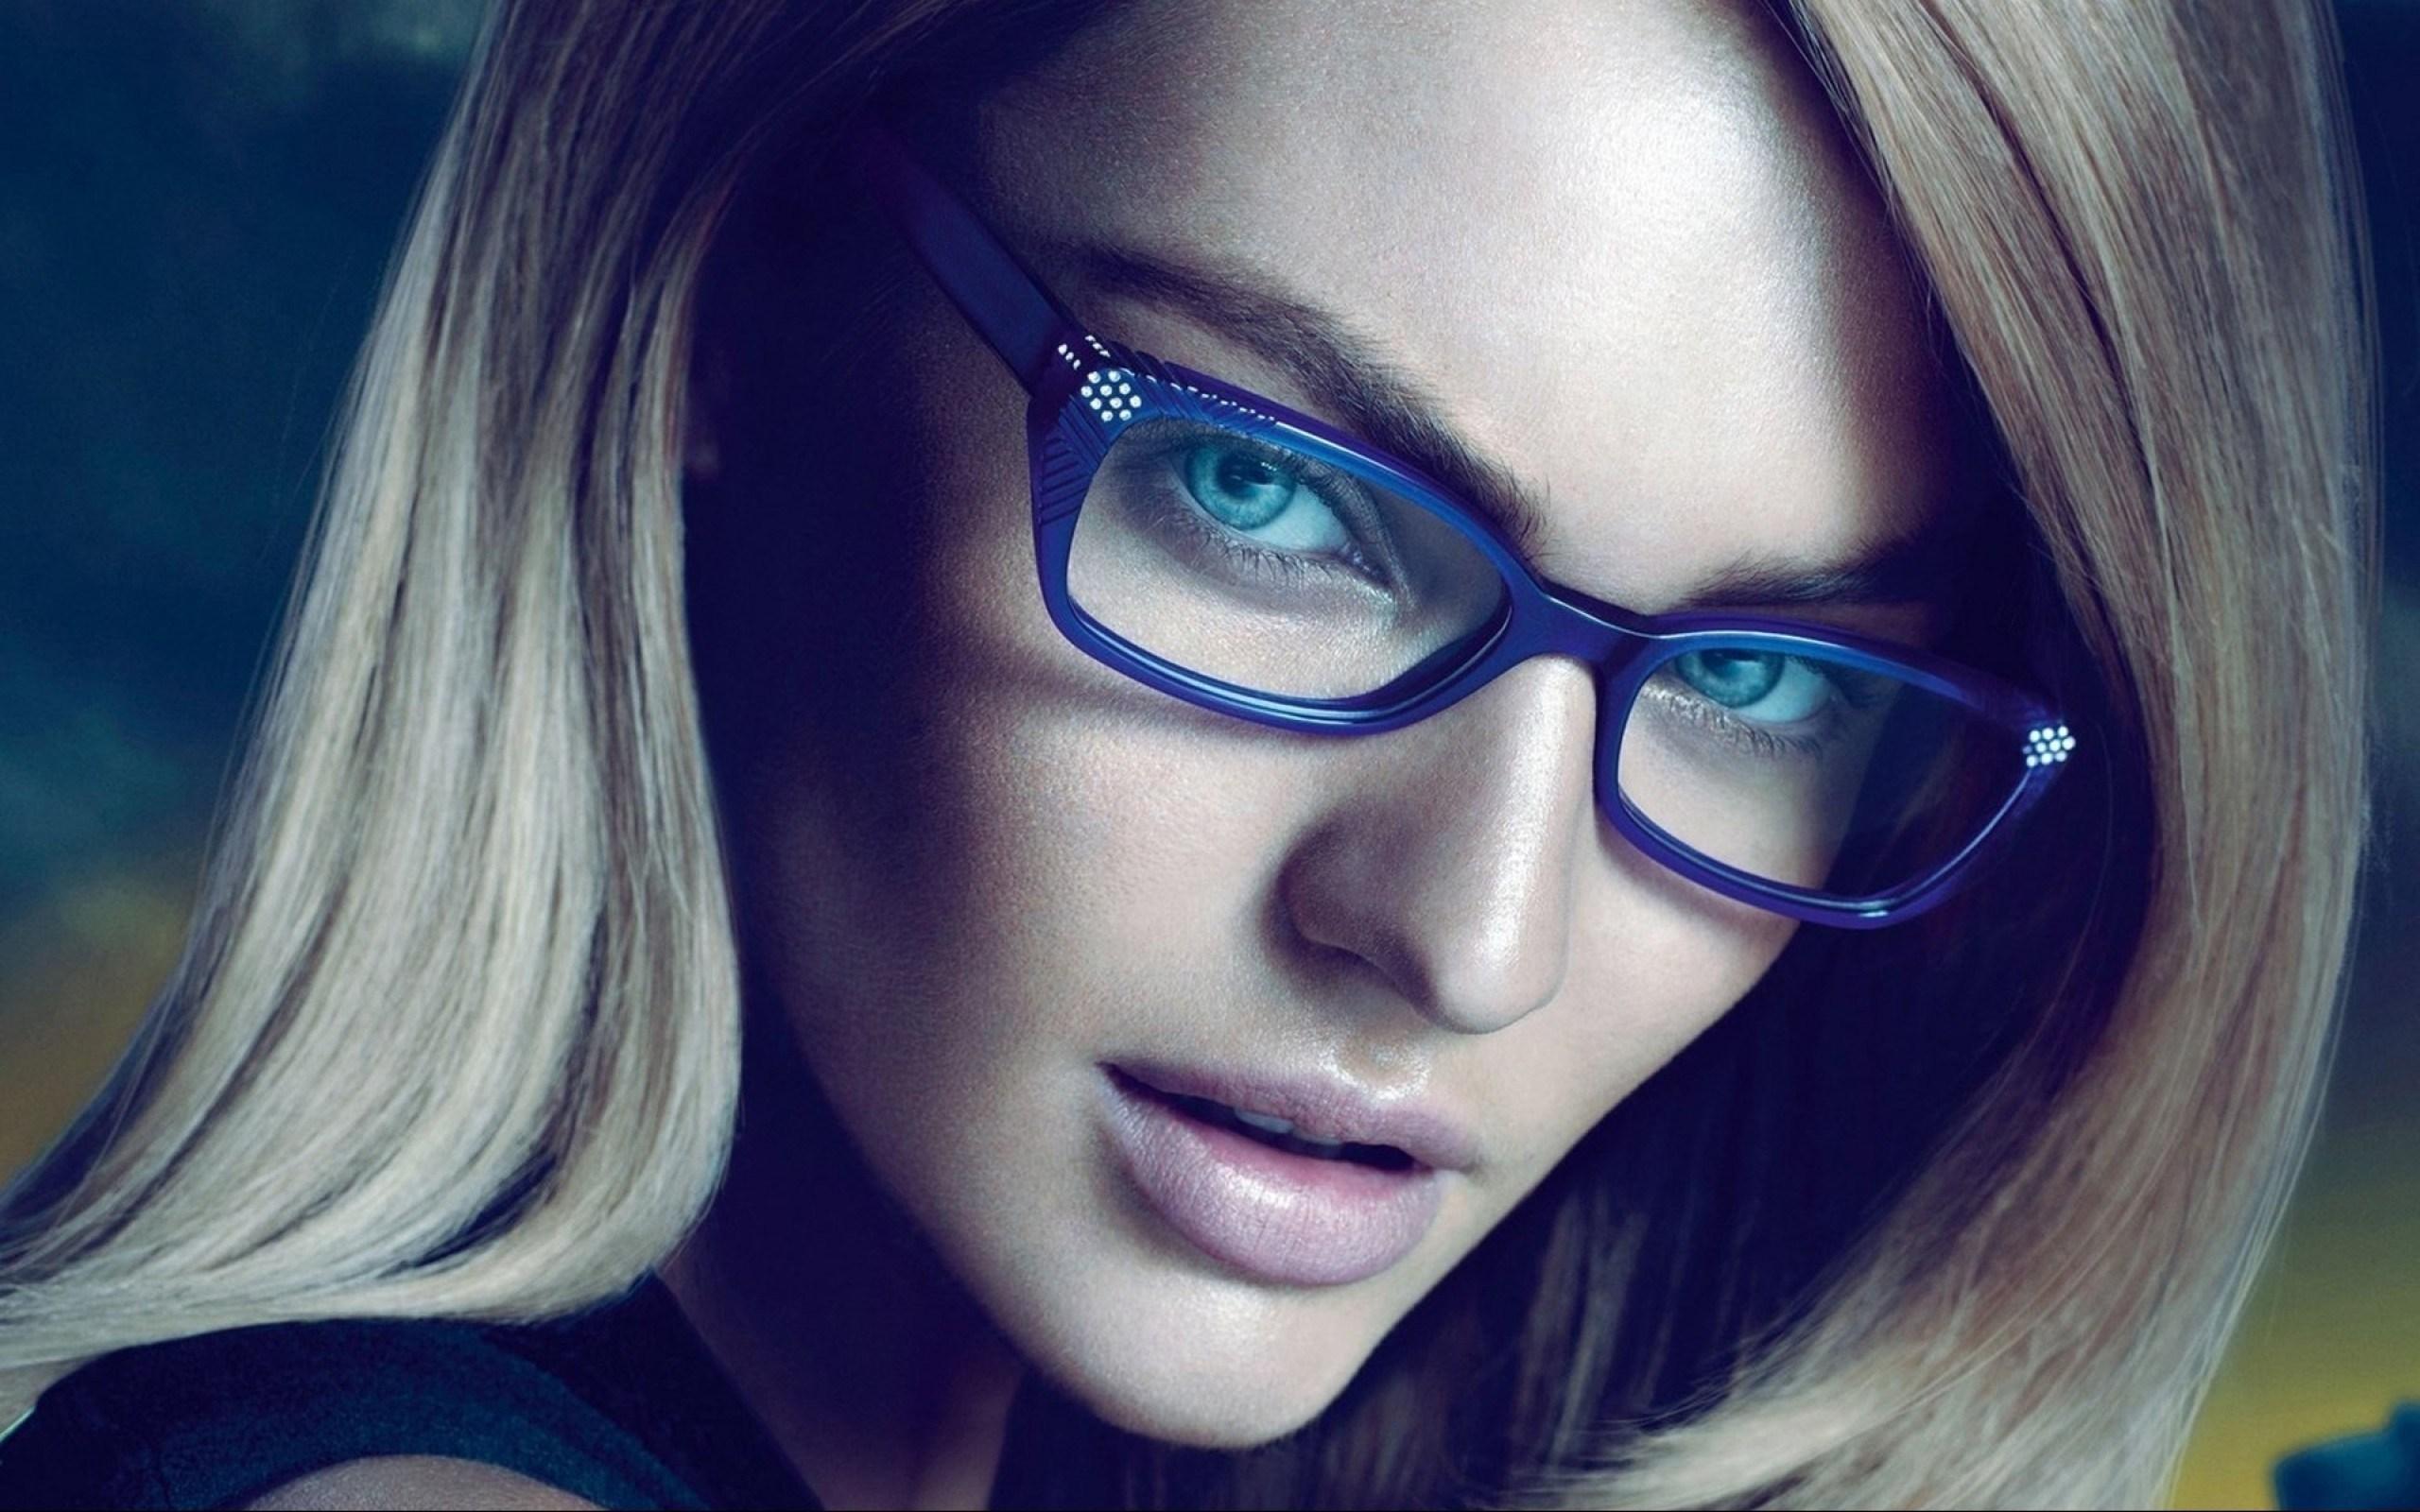 Girl Portrait Glasses